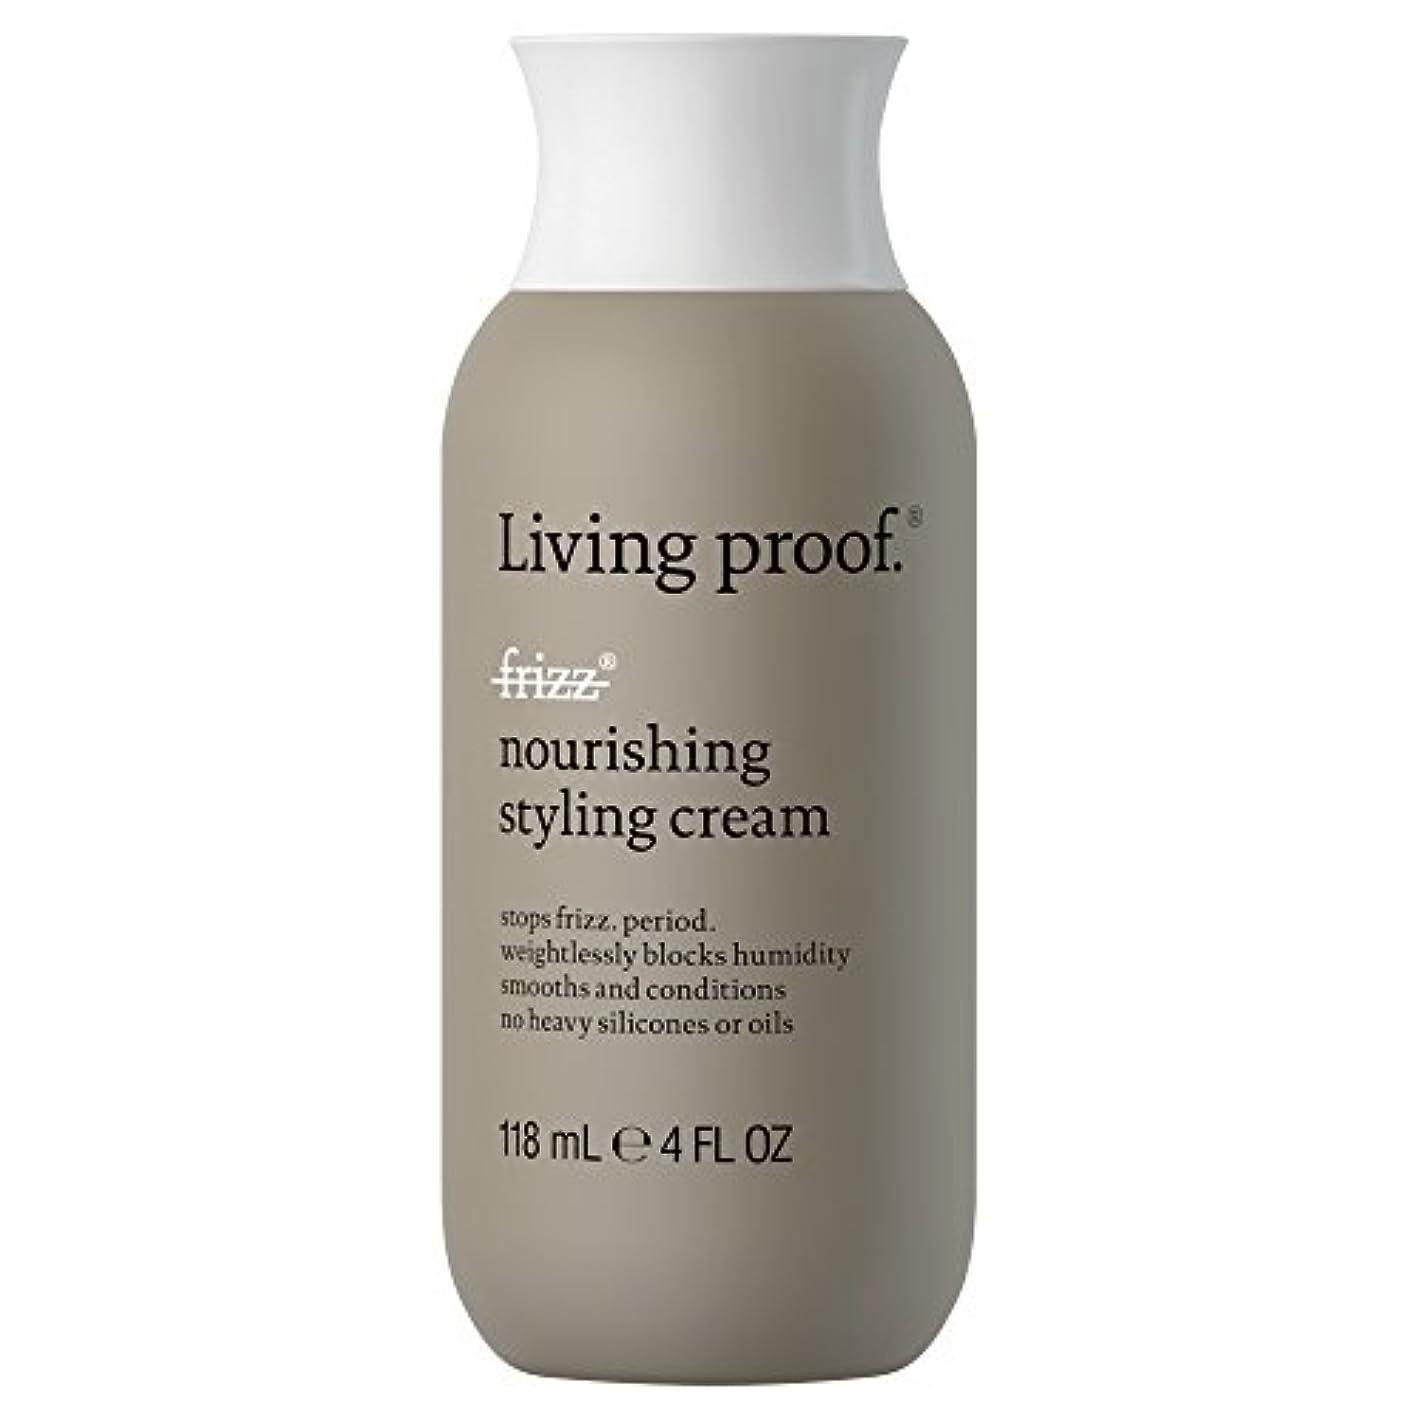 恐怖コンチネンタルなしで生きている証拠なし縮れ栄養スタイリングクリーム118ミリリットル (Living Proof) (x6) - Living Proof No Frizz Nourishing Styling Cream 118ml (Pack...